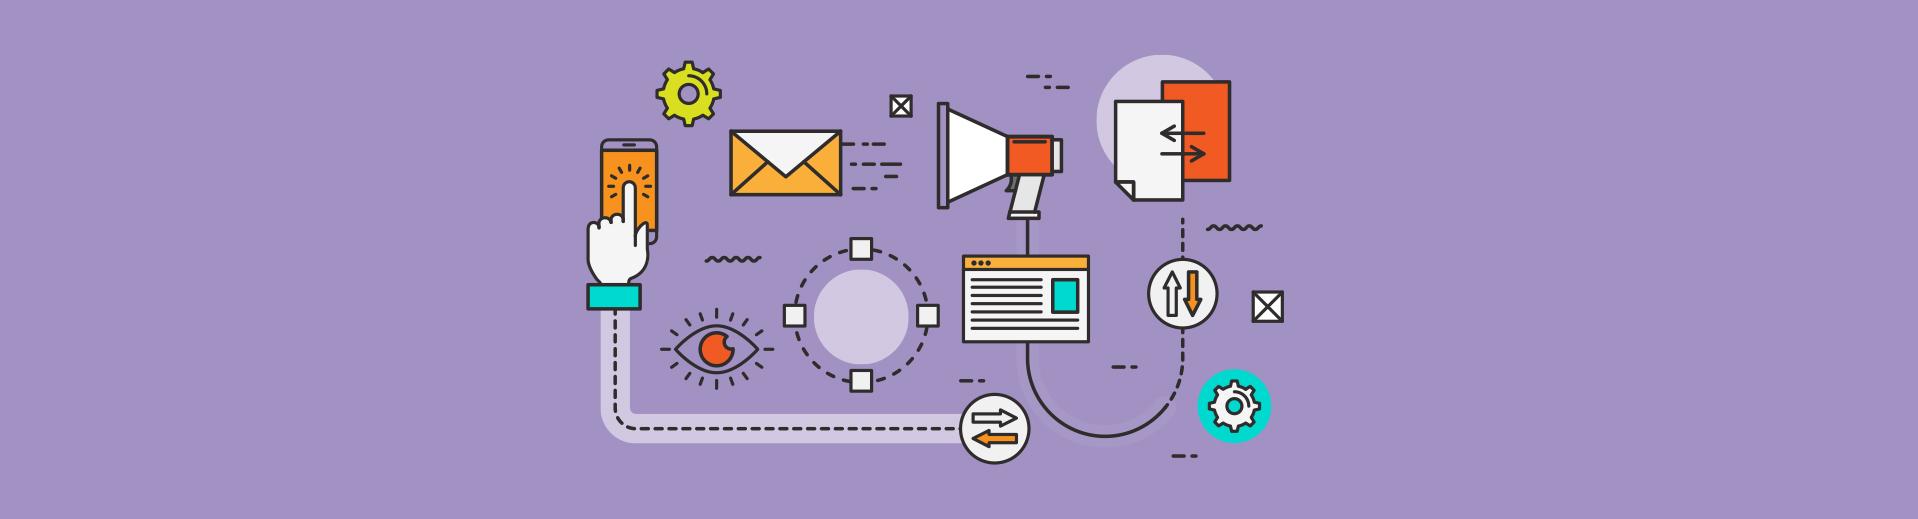 Как начать бизнес в веб: ТОП-10 онлайн сервисов для старта